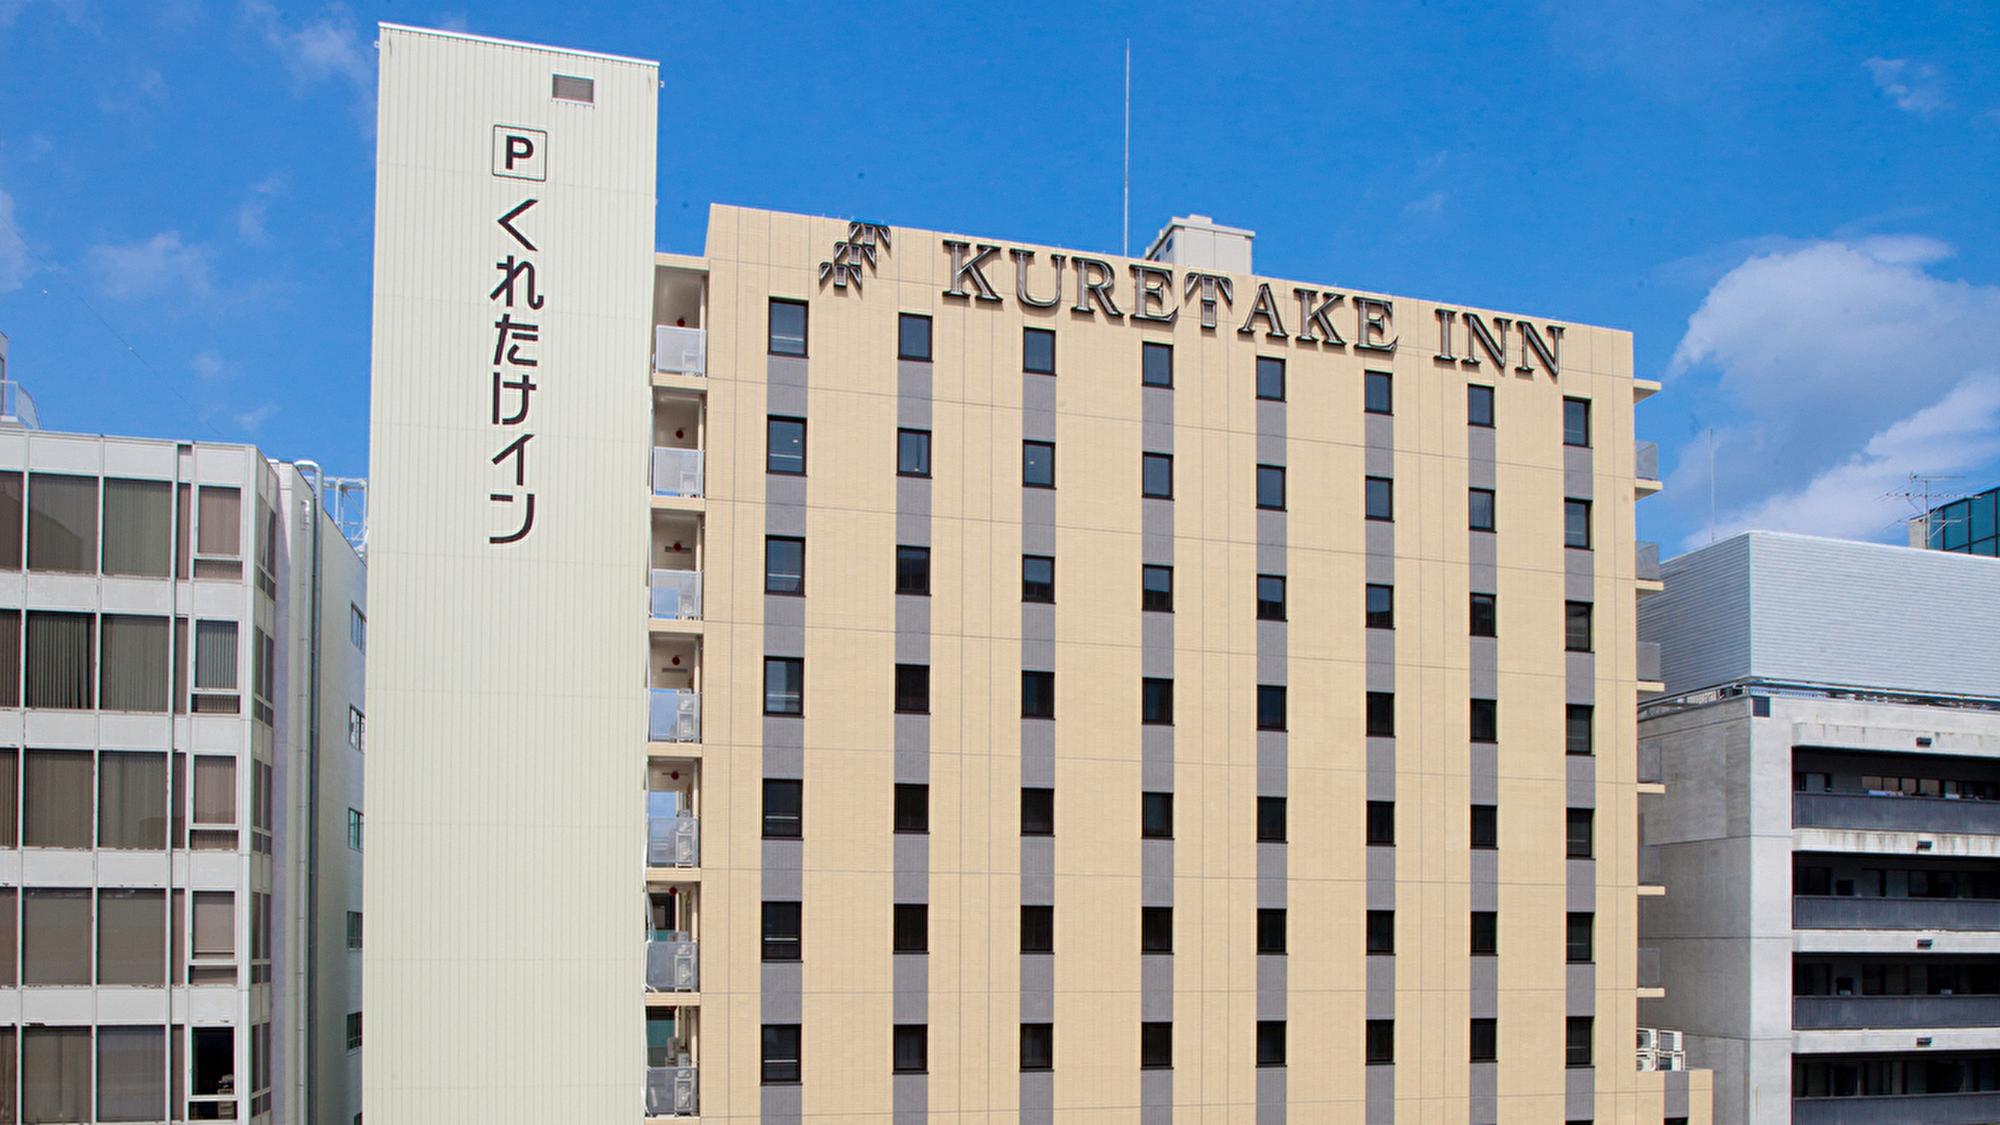 くれたけインプレミアム静岡駅前 image